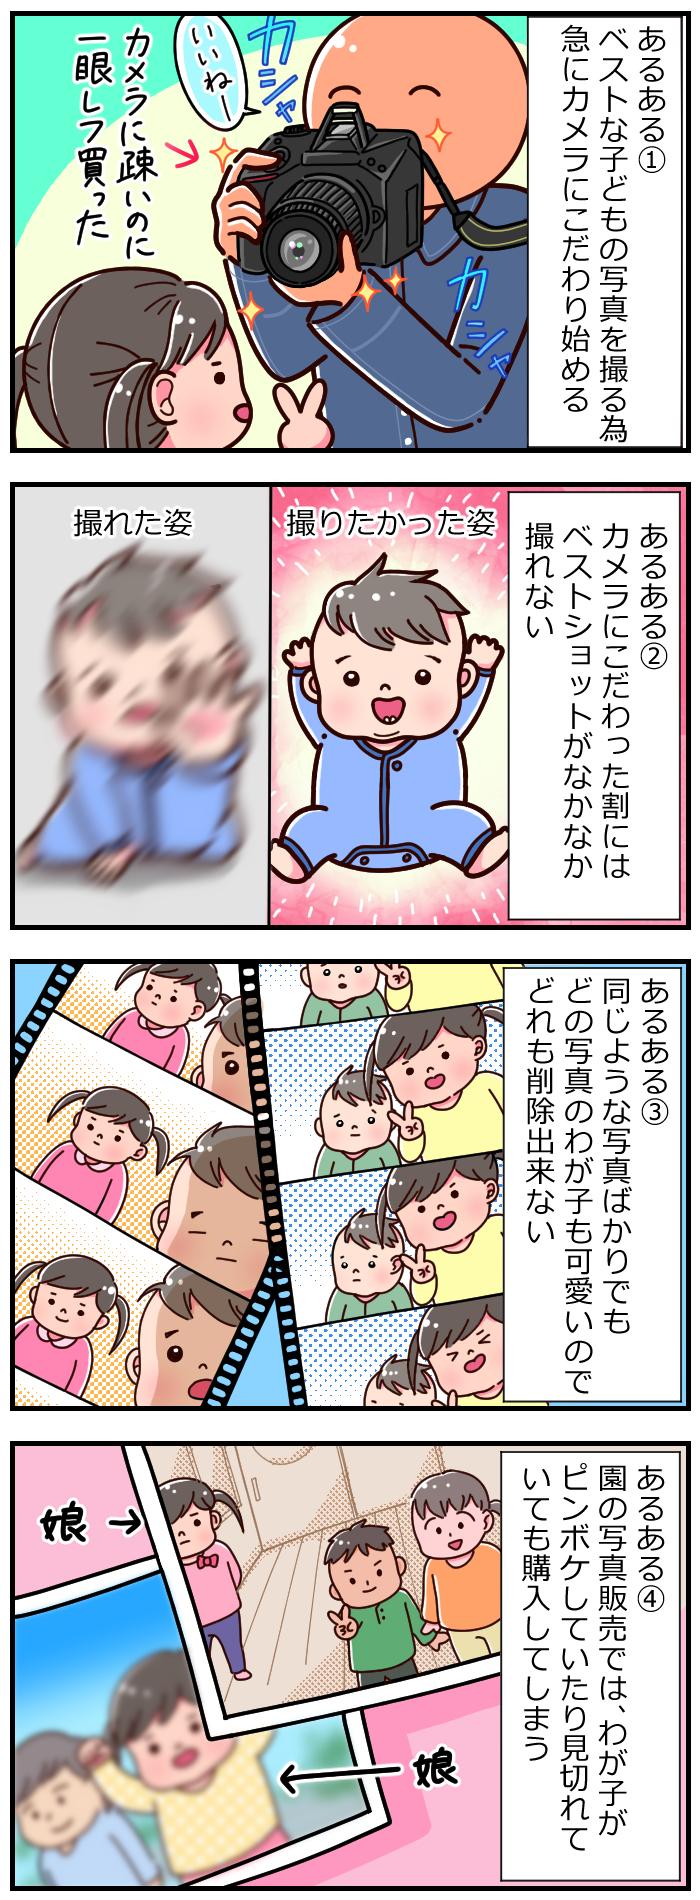 子どもへの愛が重い!?特選・親バカあるある12連発!!の画像2